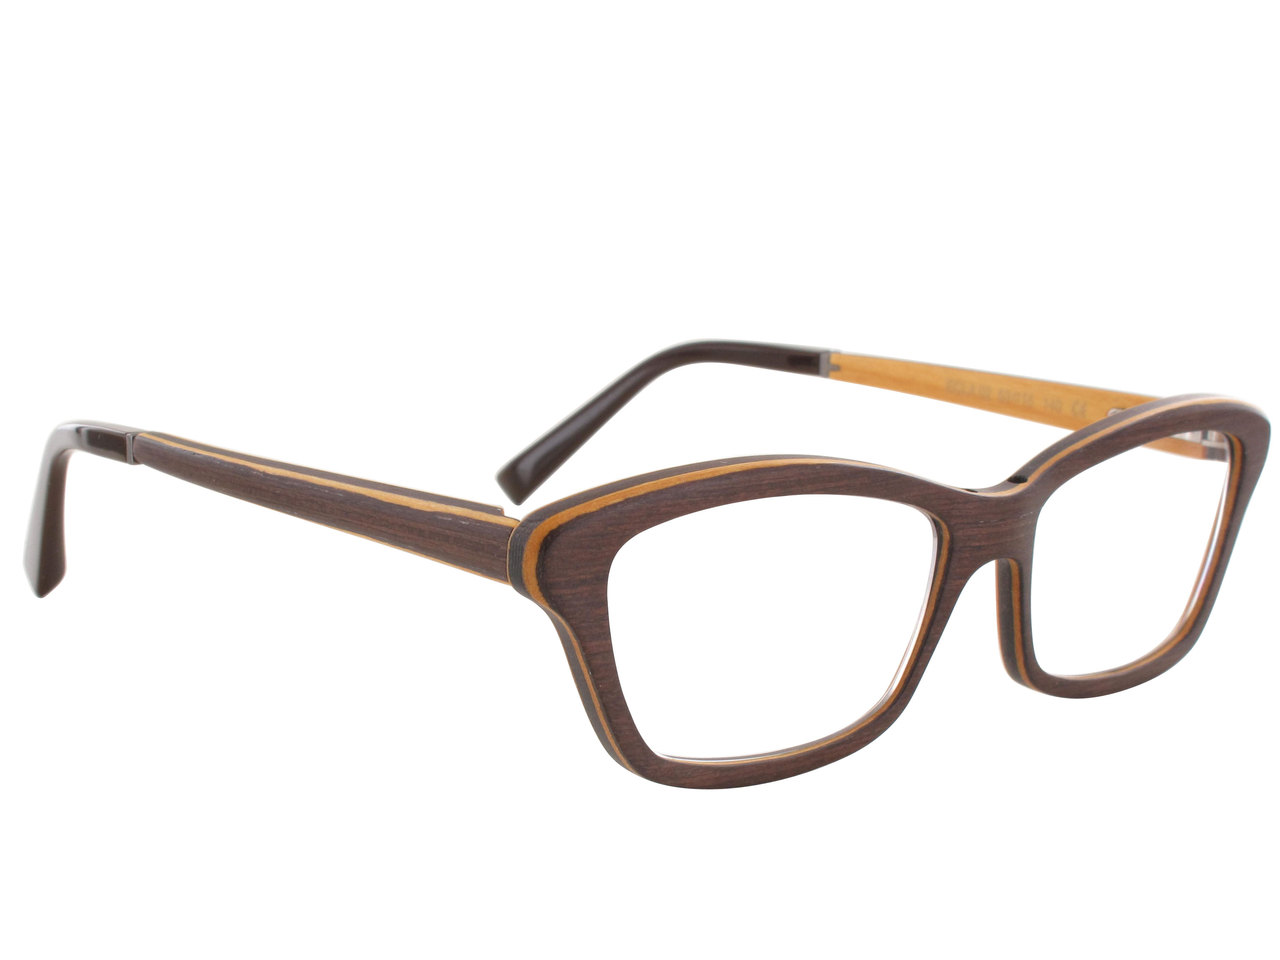 Lunettes en bois Gold and Wood Ecla 02 Taille 53 15 Gold& Wood OL9388 Ol'Optic Opticienà  # Lunette De Vue Bois